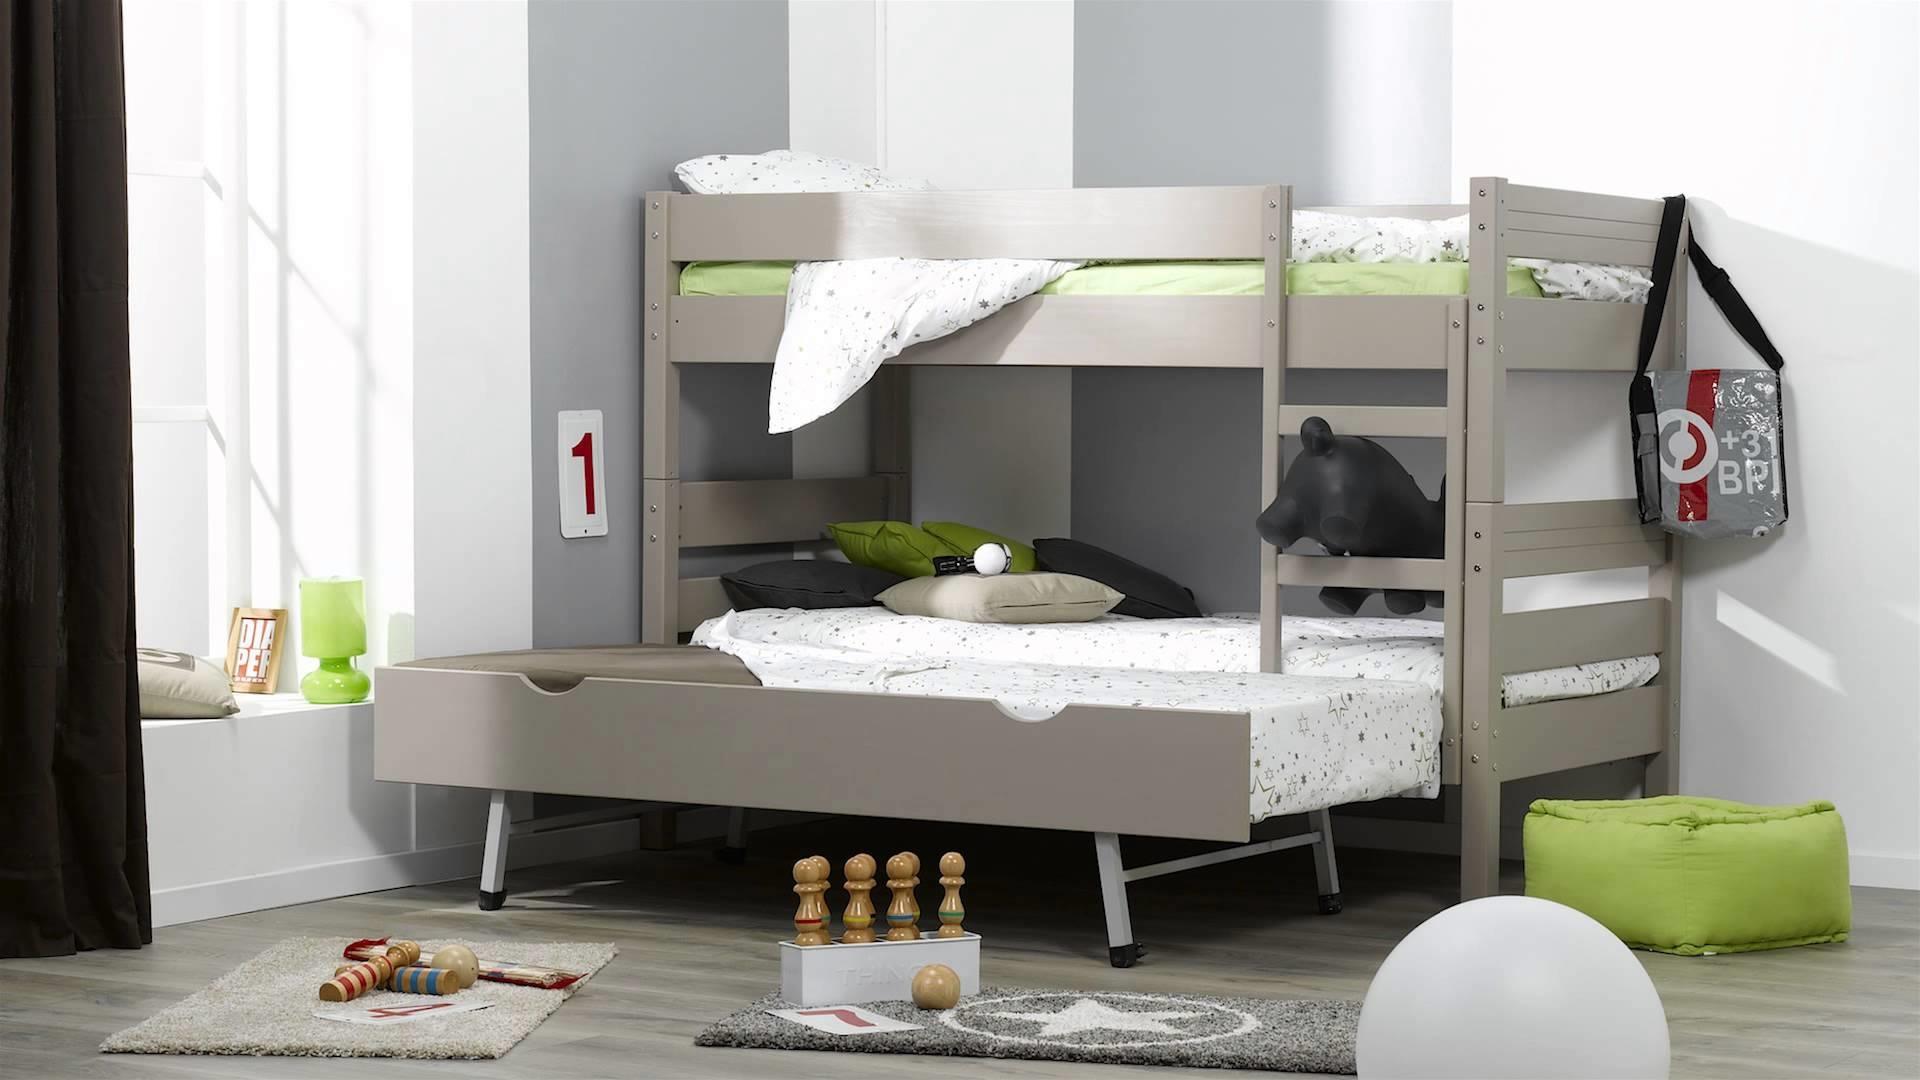 Кровать трансформер в детской для троих